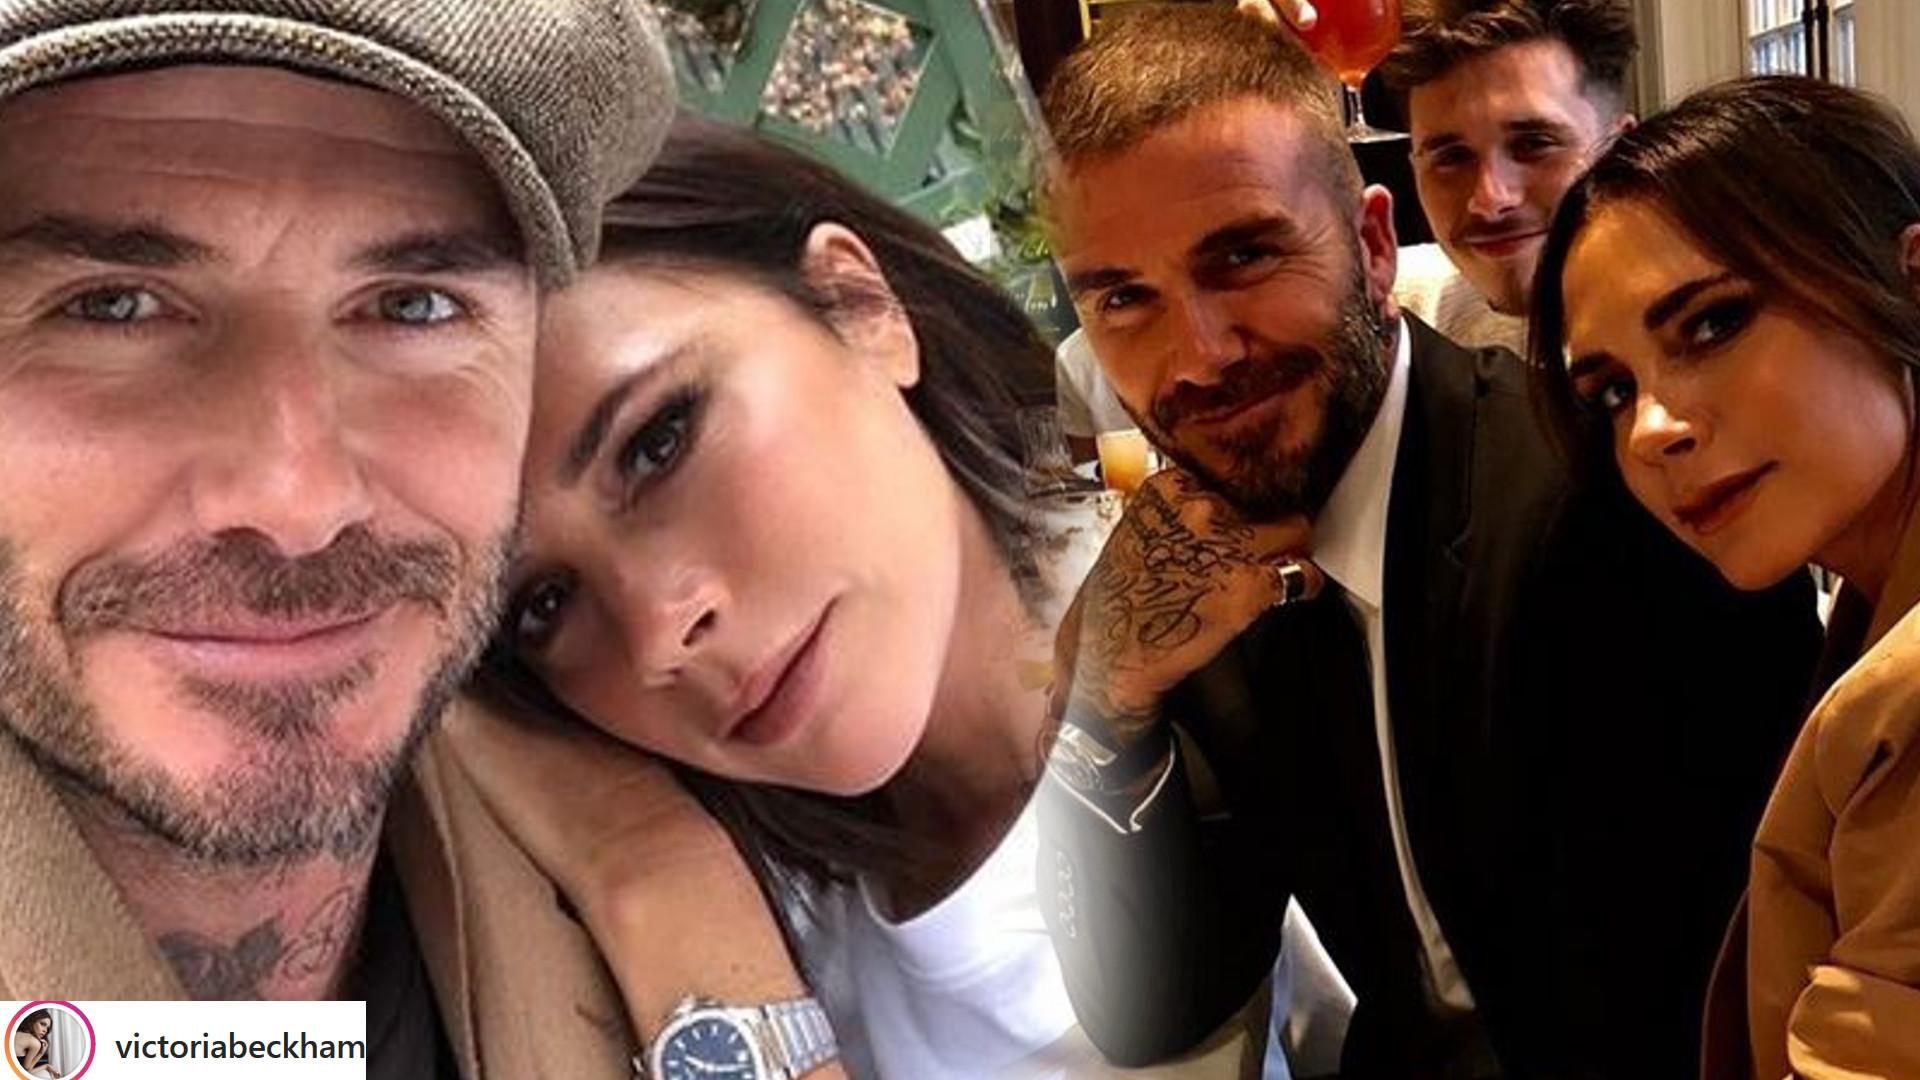 Victoria Beckham jest ZDRUZGOTANA zachowaniem męża